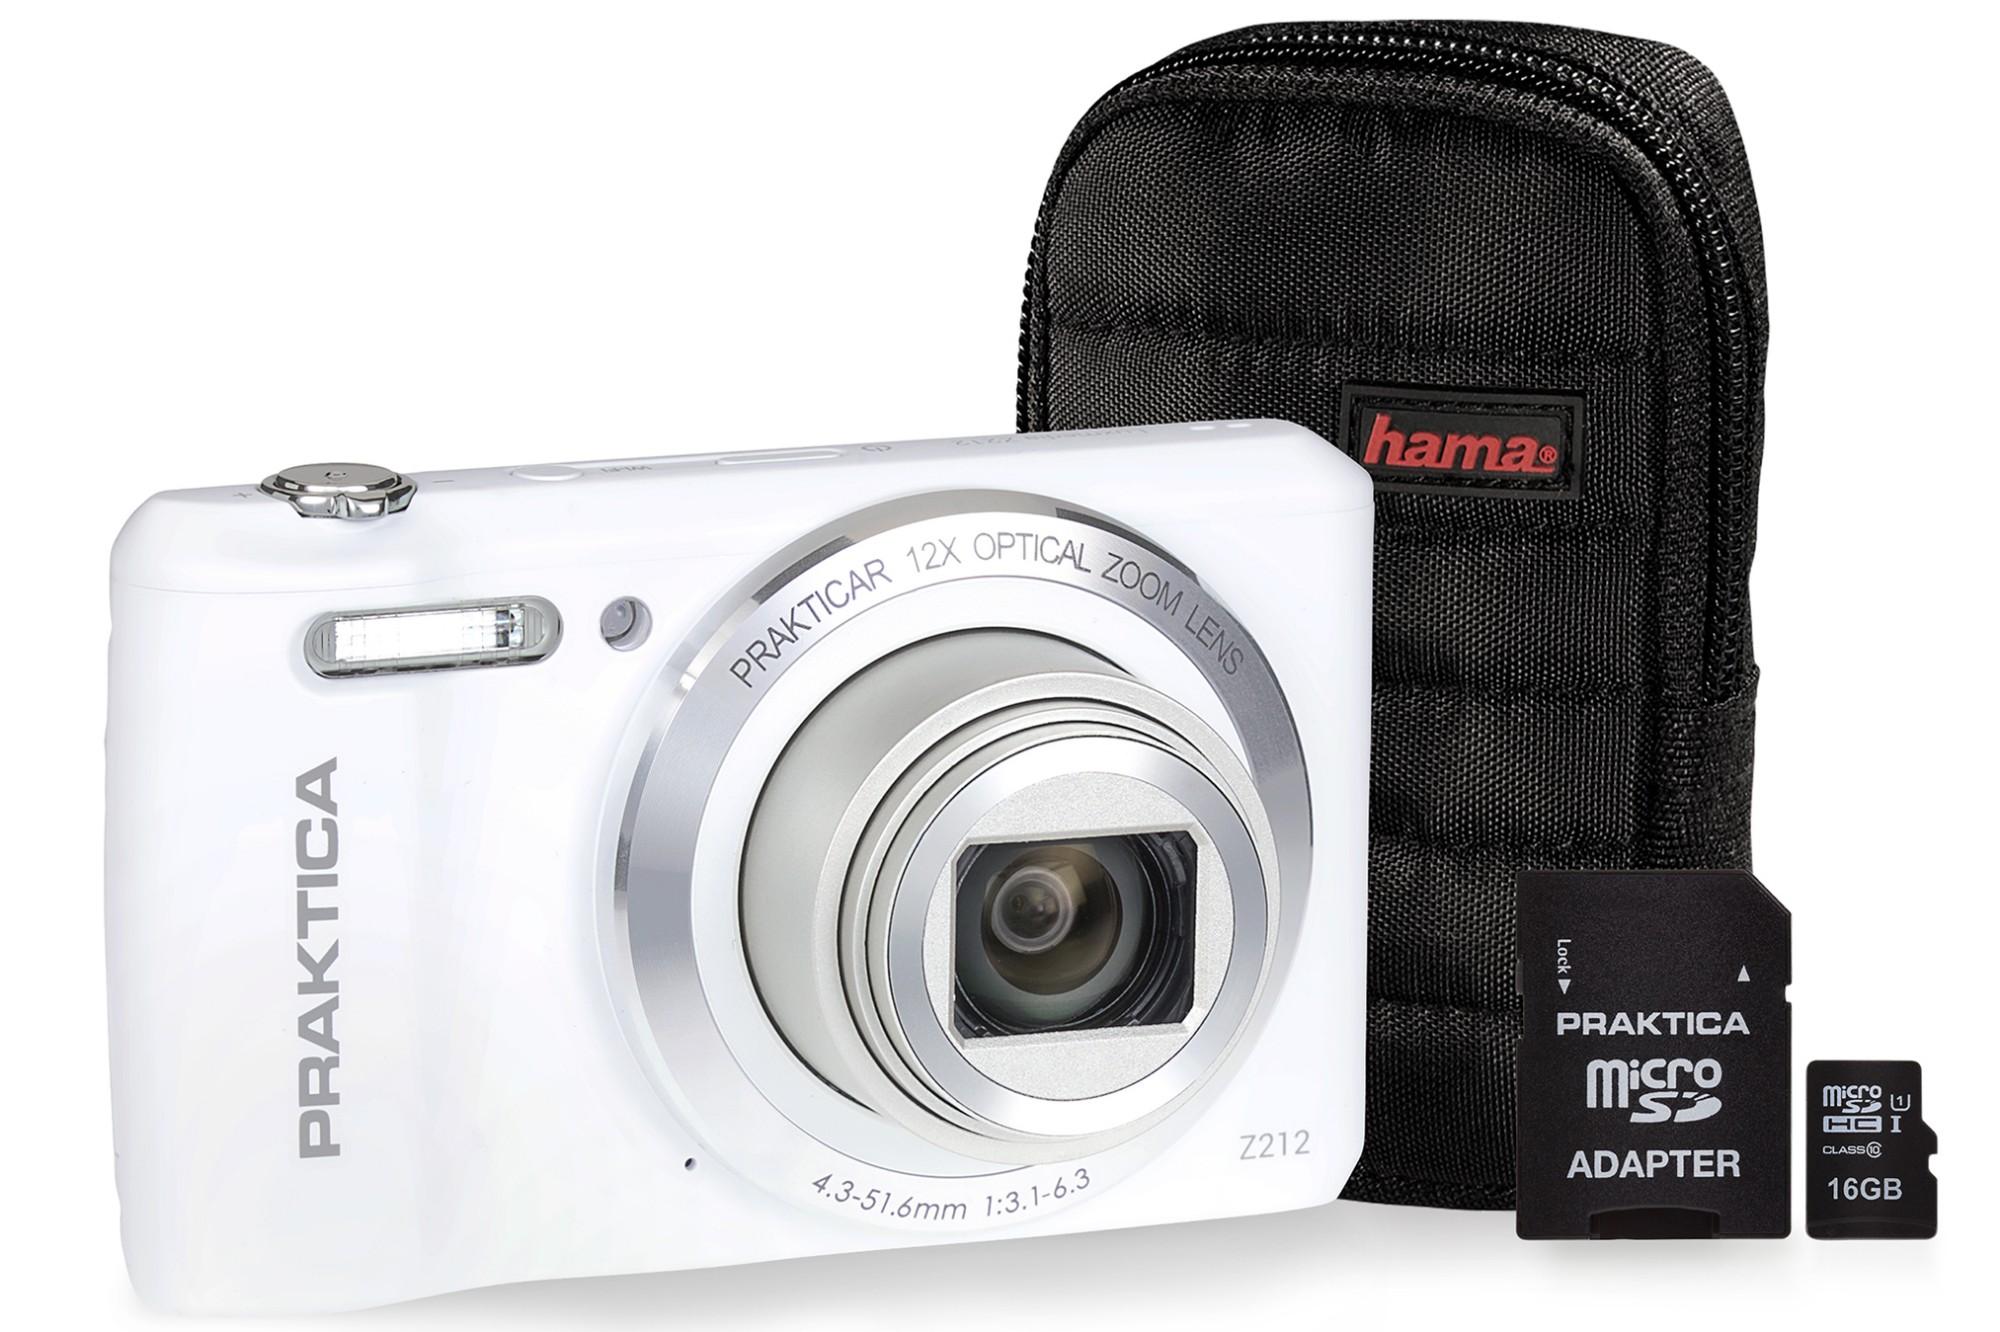 Praktica Luxmedia Z212 White Camera Kit inc 16GB MicroSD Card & Case